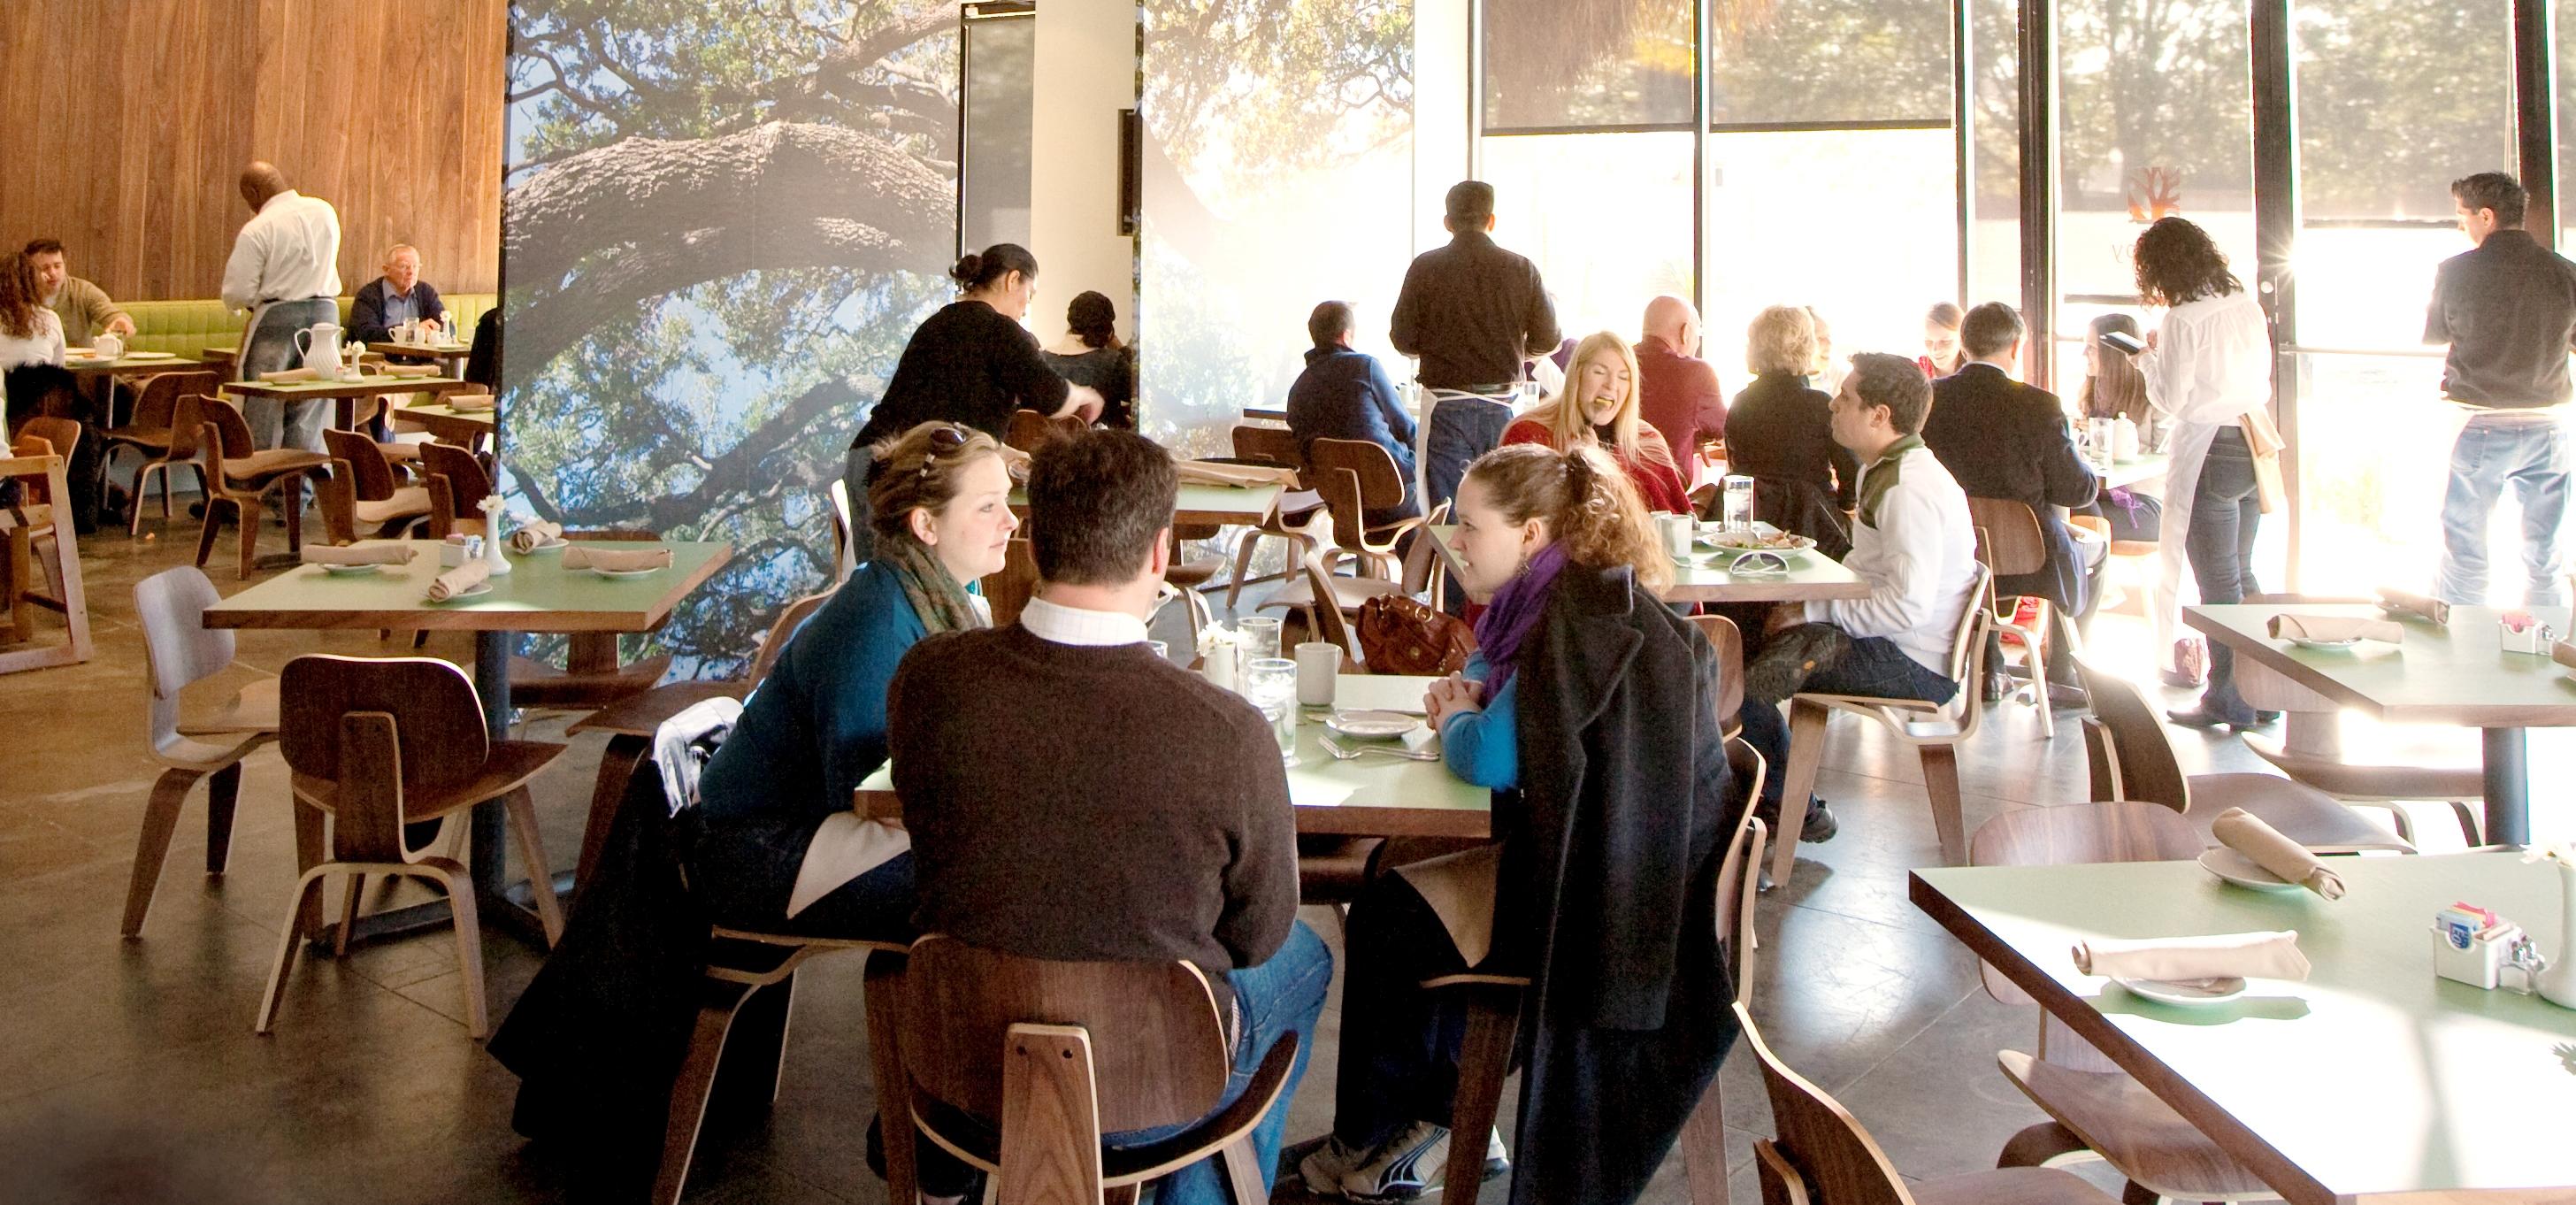 Brunch In Houston Houston Lbgt Friendly Restaurants